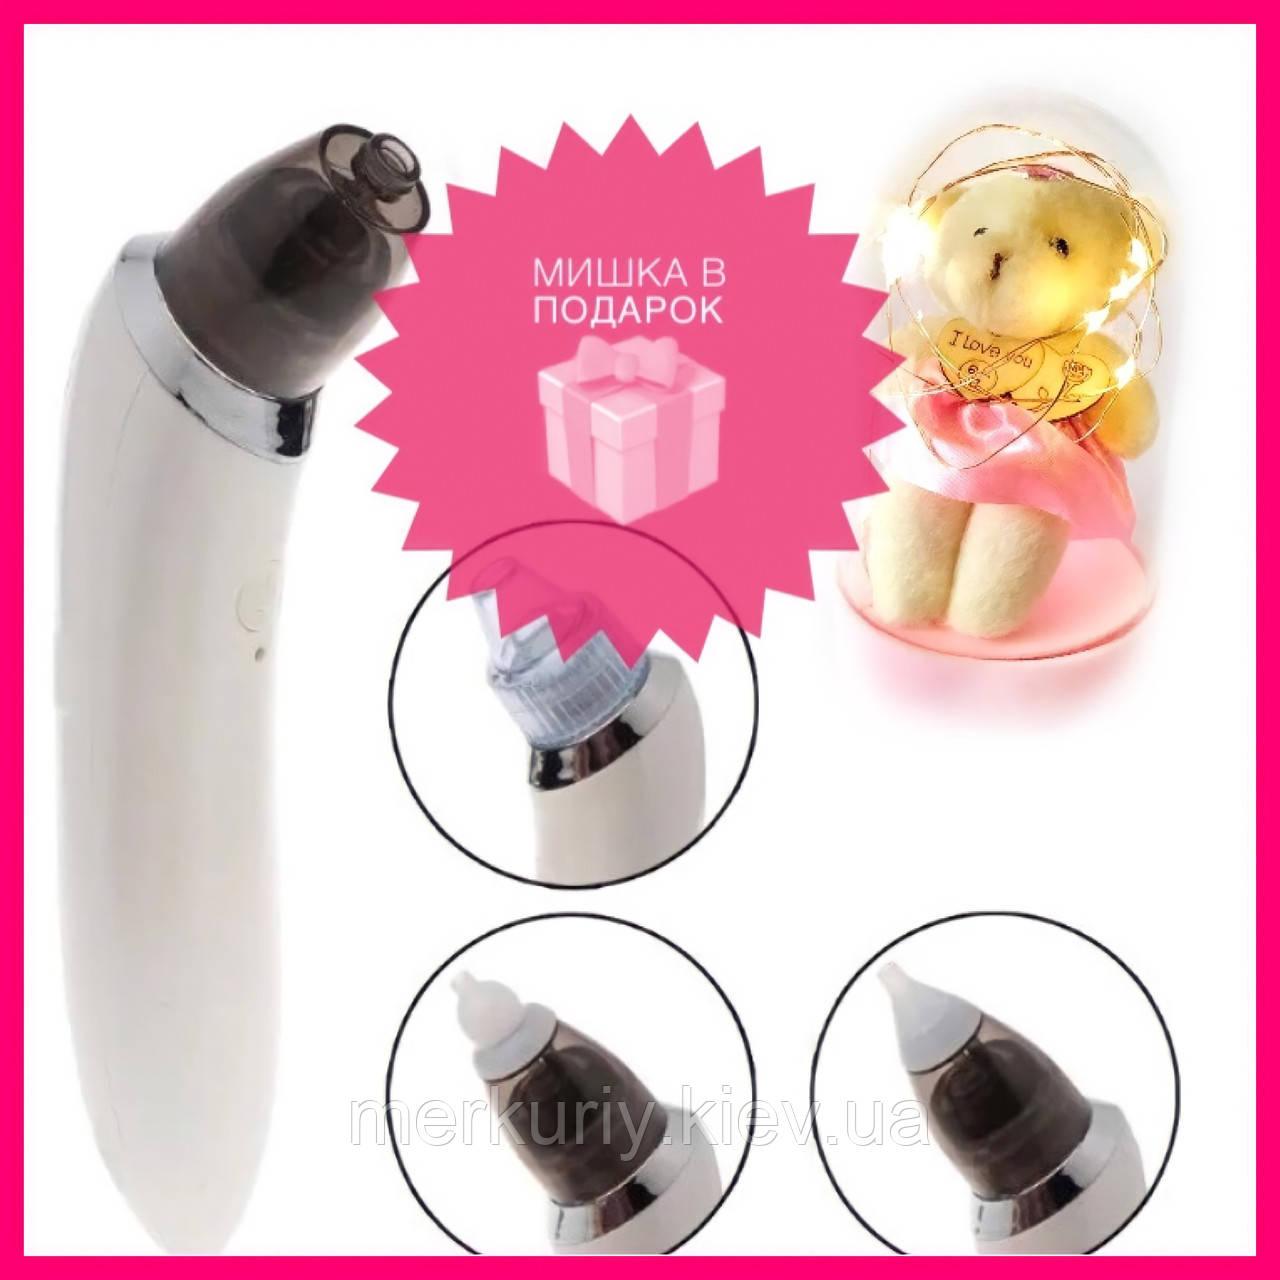 Детский назальный аспиратор электро Infant nasal absorber, соплеотсос электрический + мишка в колбе